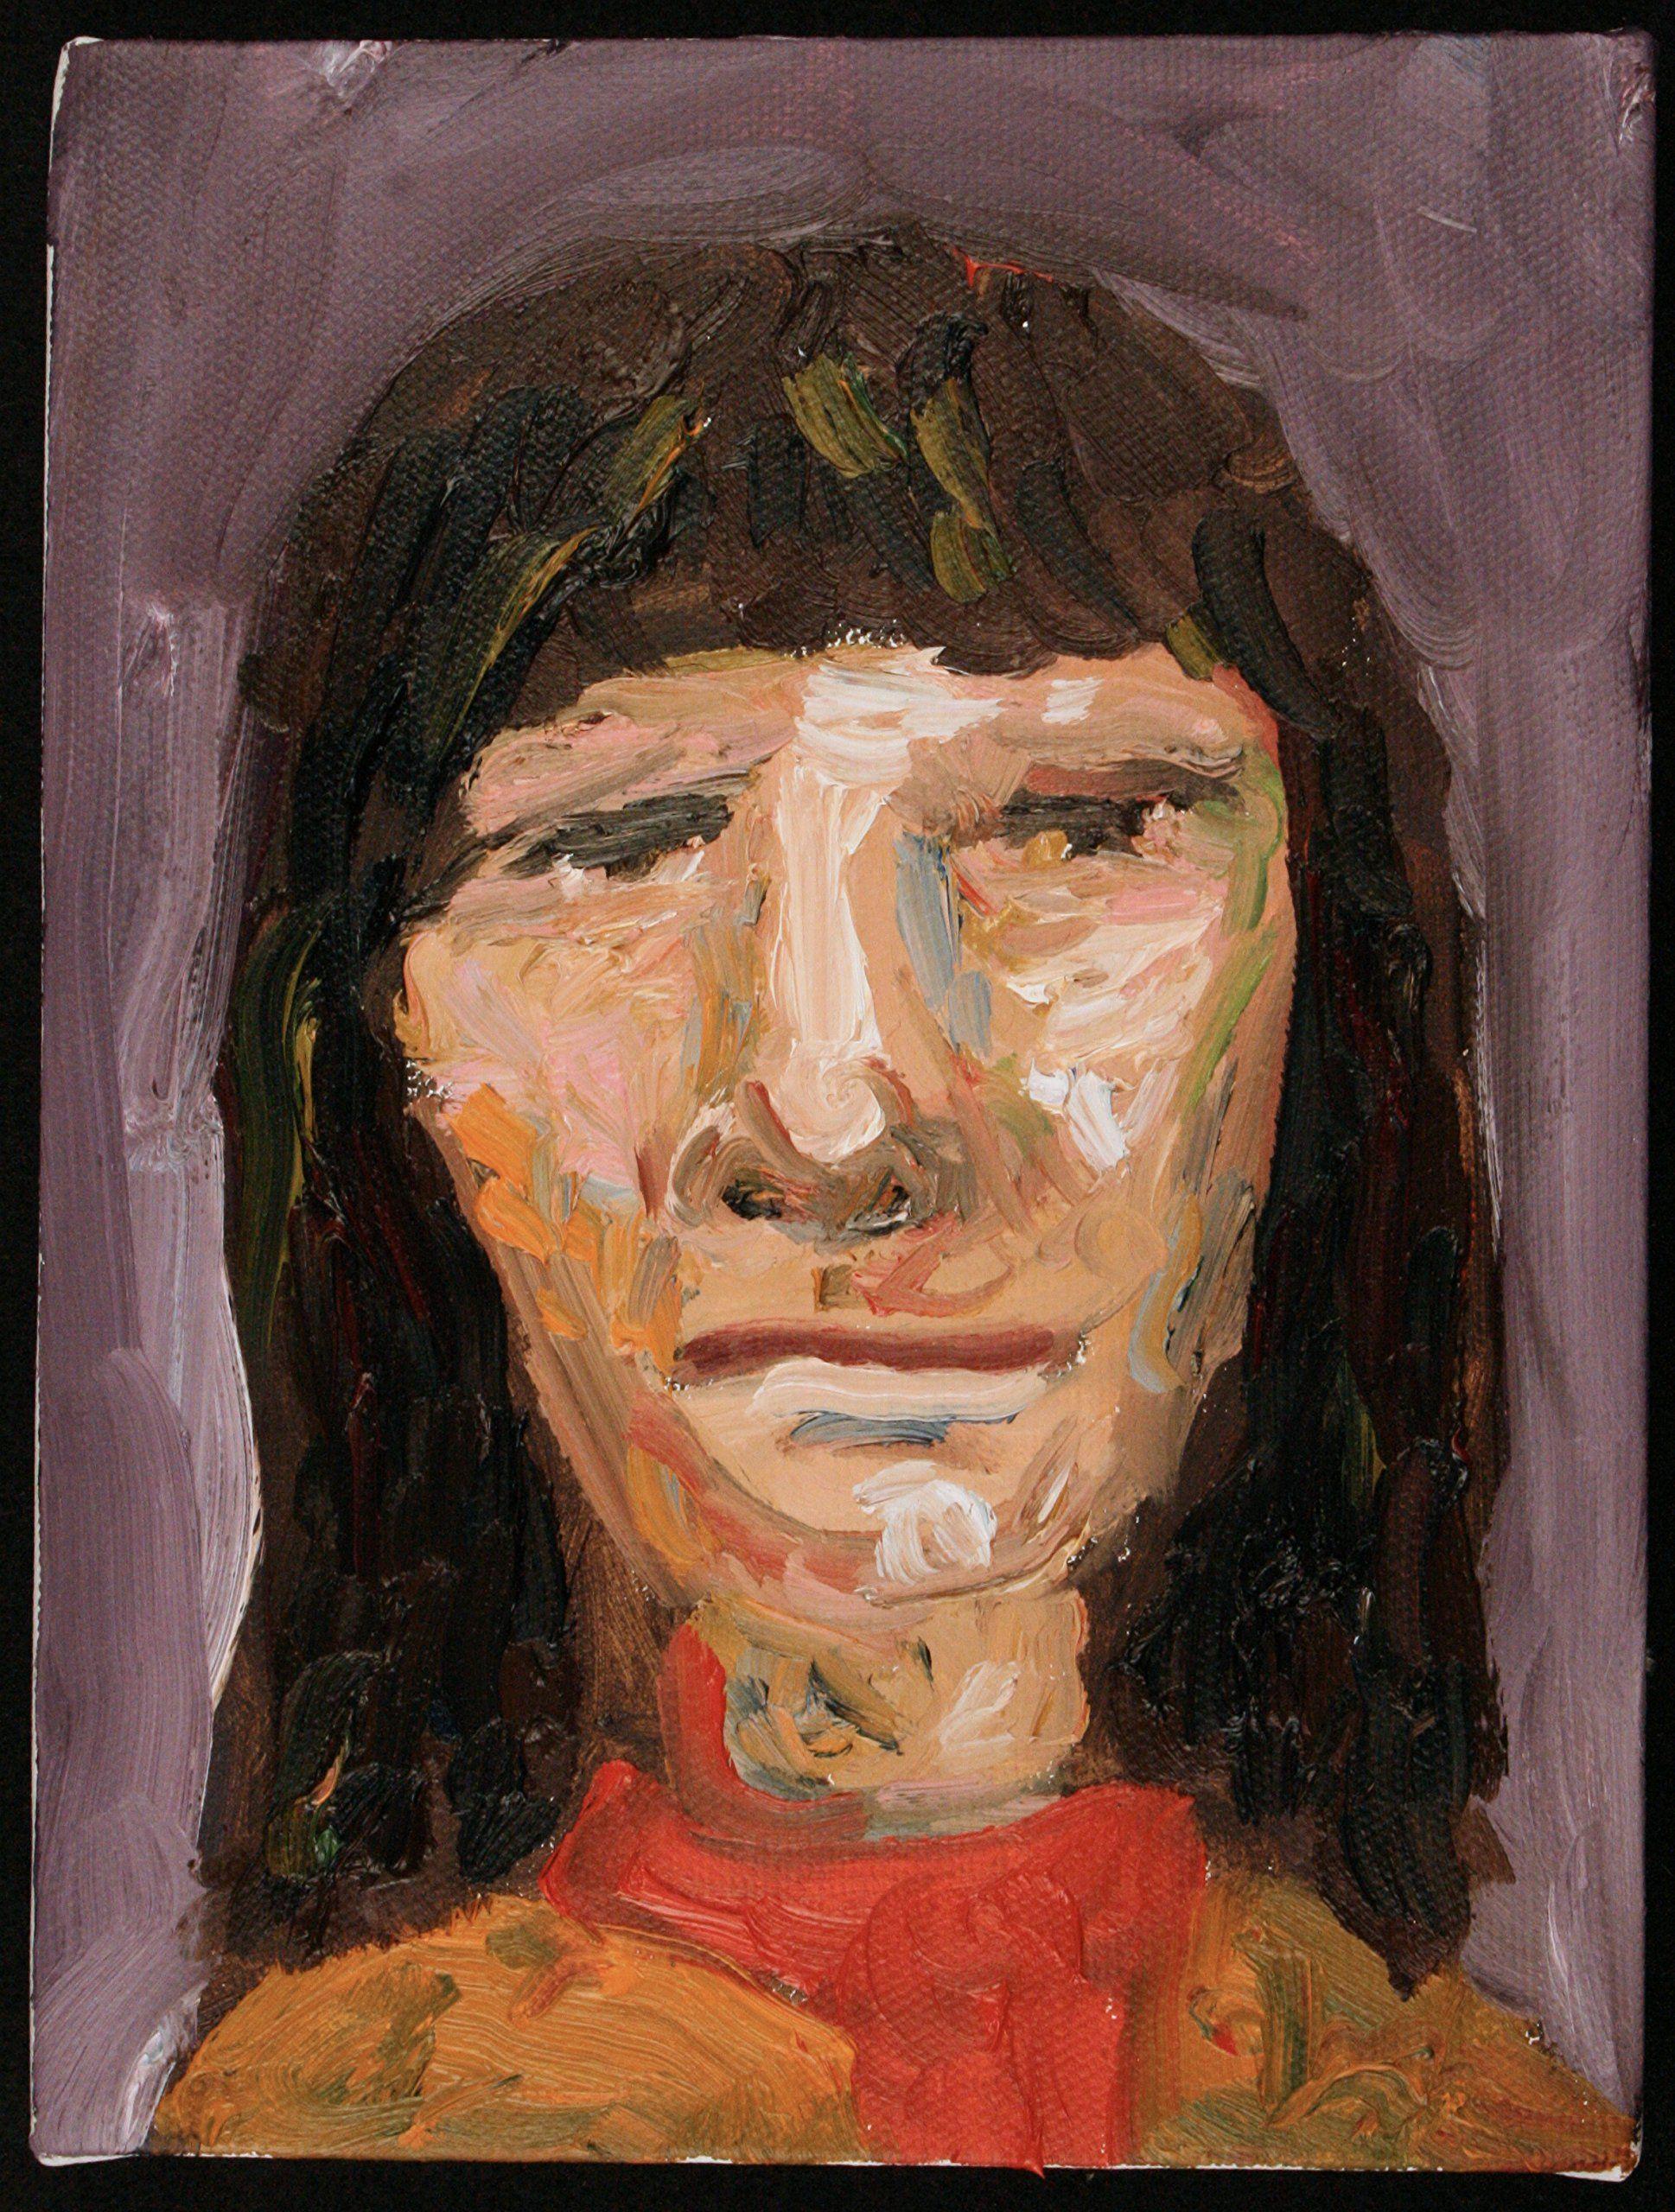 Kim Painting, Oil painting, Portrait